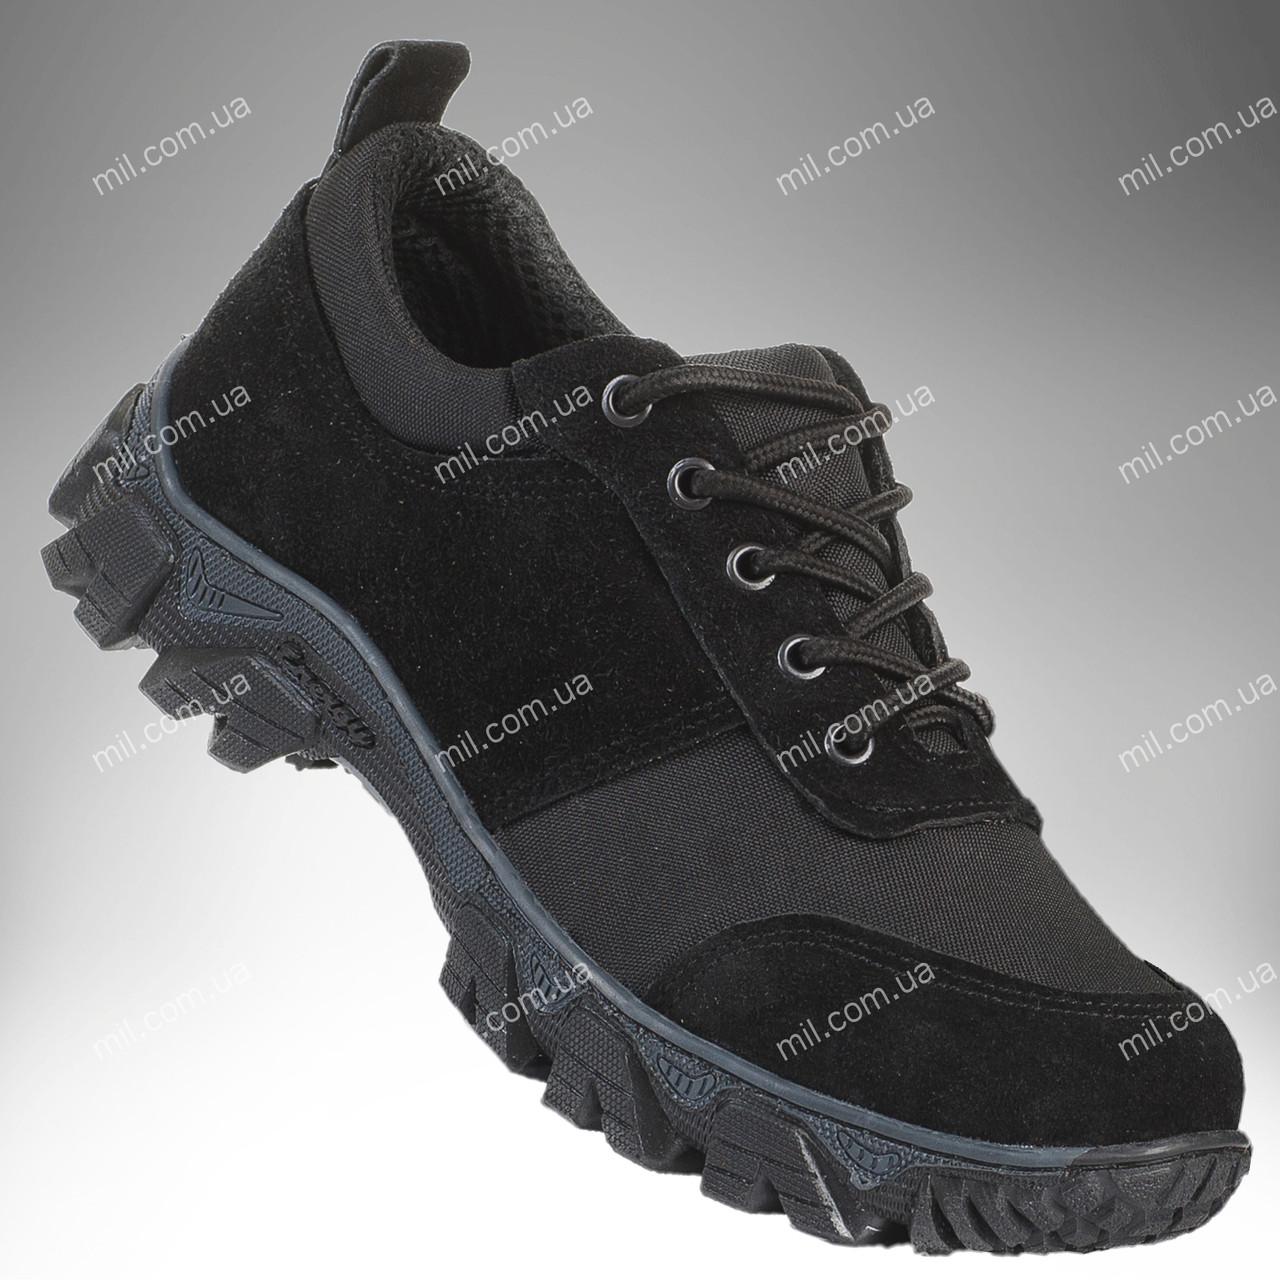 Военные кроссовки / демисезонная тактическая обувь PATRIOT (black)